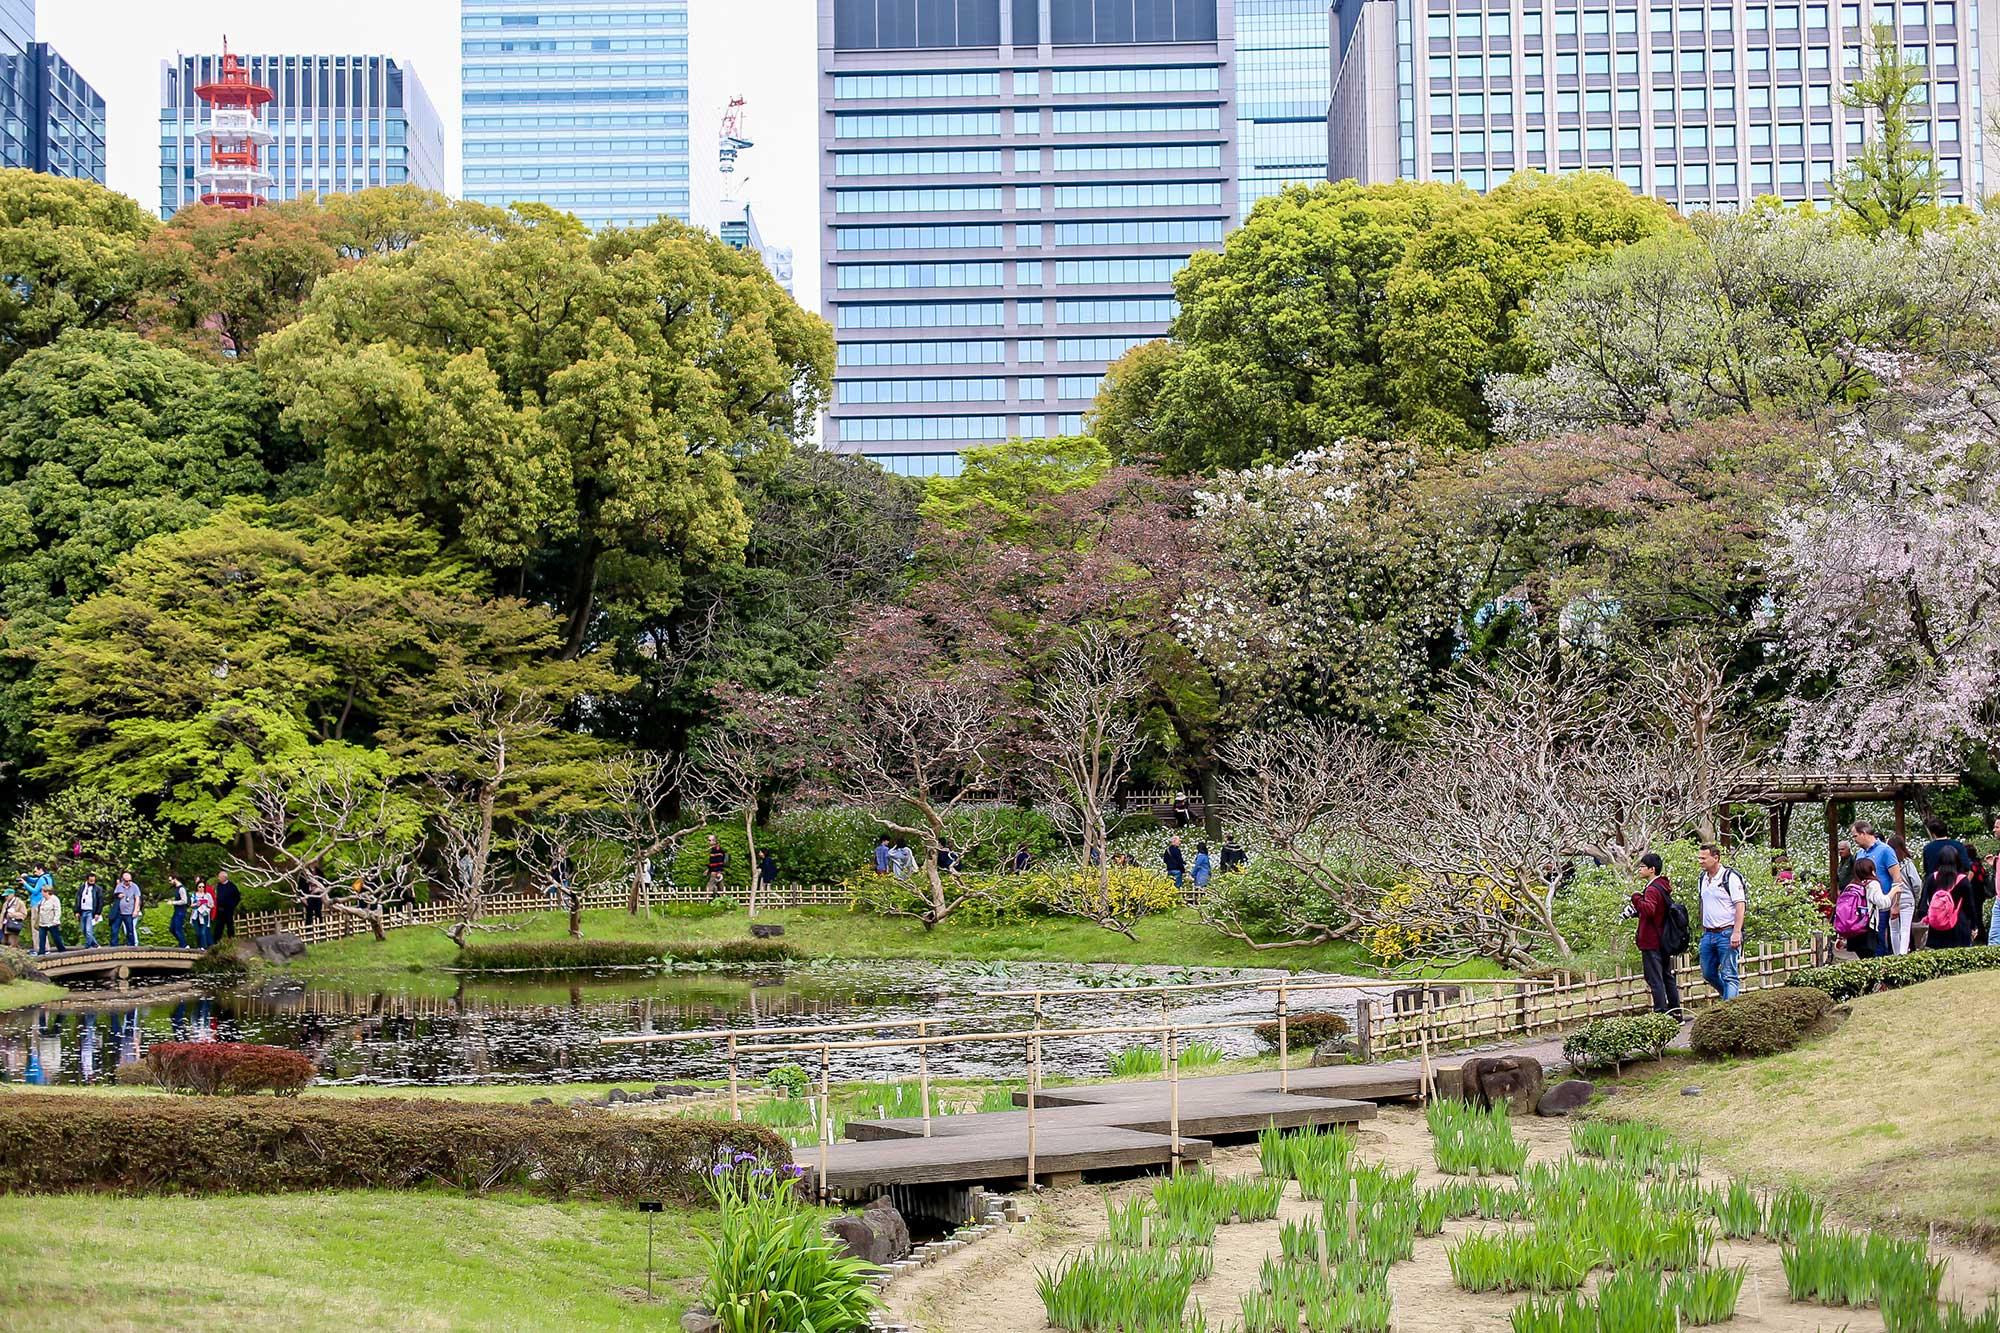 باغ های شرقی قصر امپراتوری (Imperial Palace East Gardens)